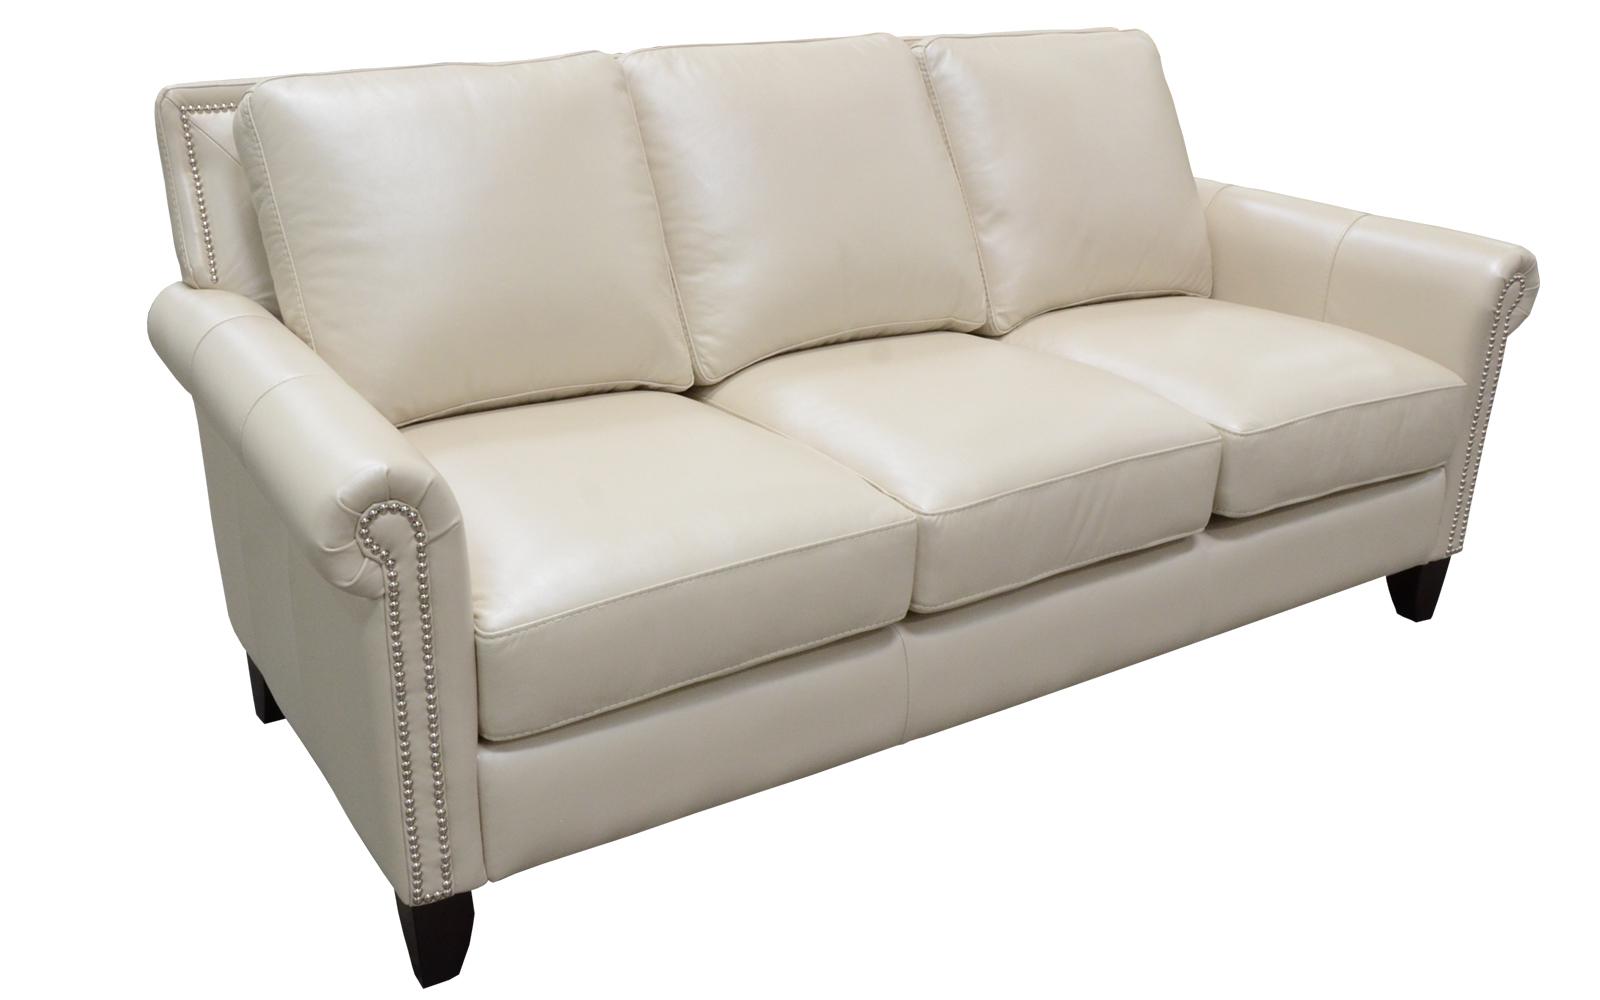 Omnia Furniture Benjamin Sofa